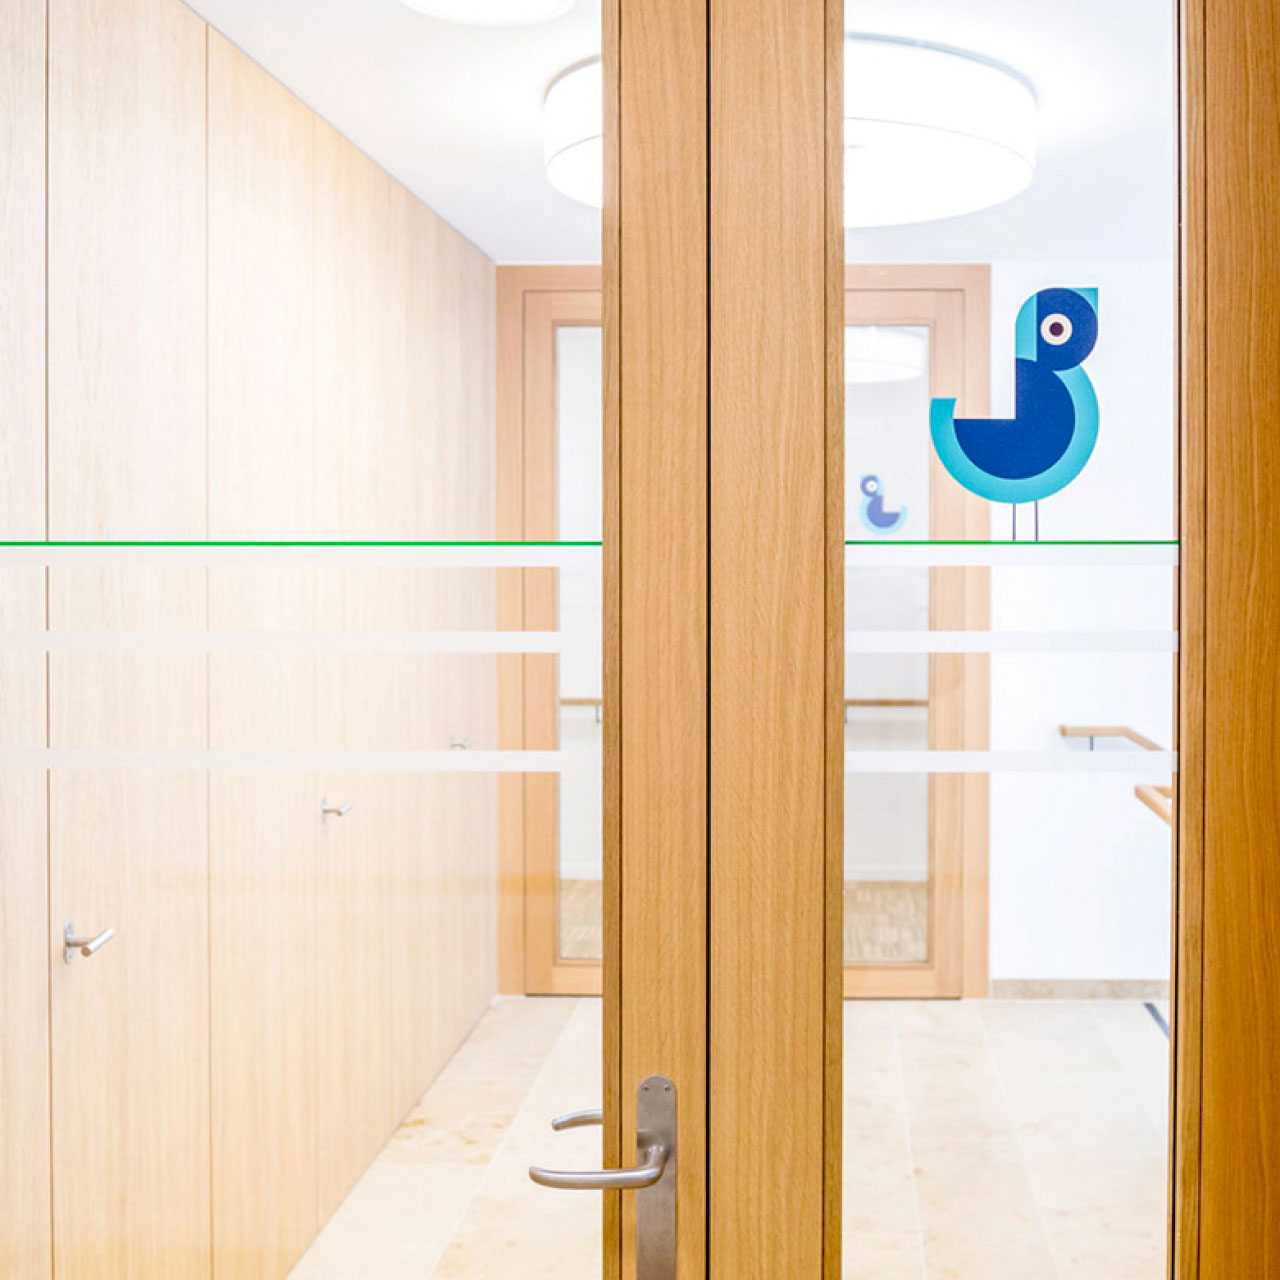 Pflegezentrum Stadtgarten: Corporate Design, Signaletik